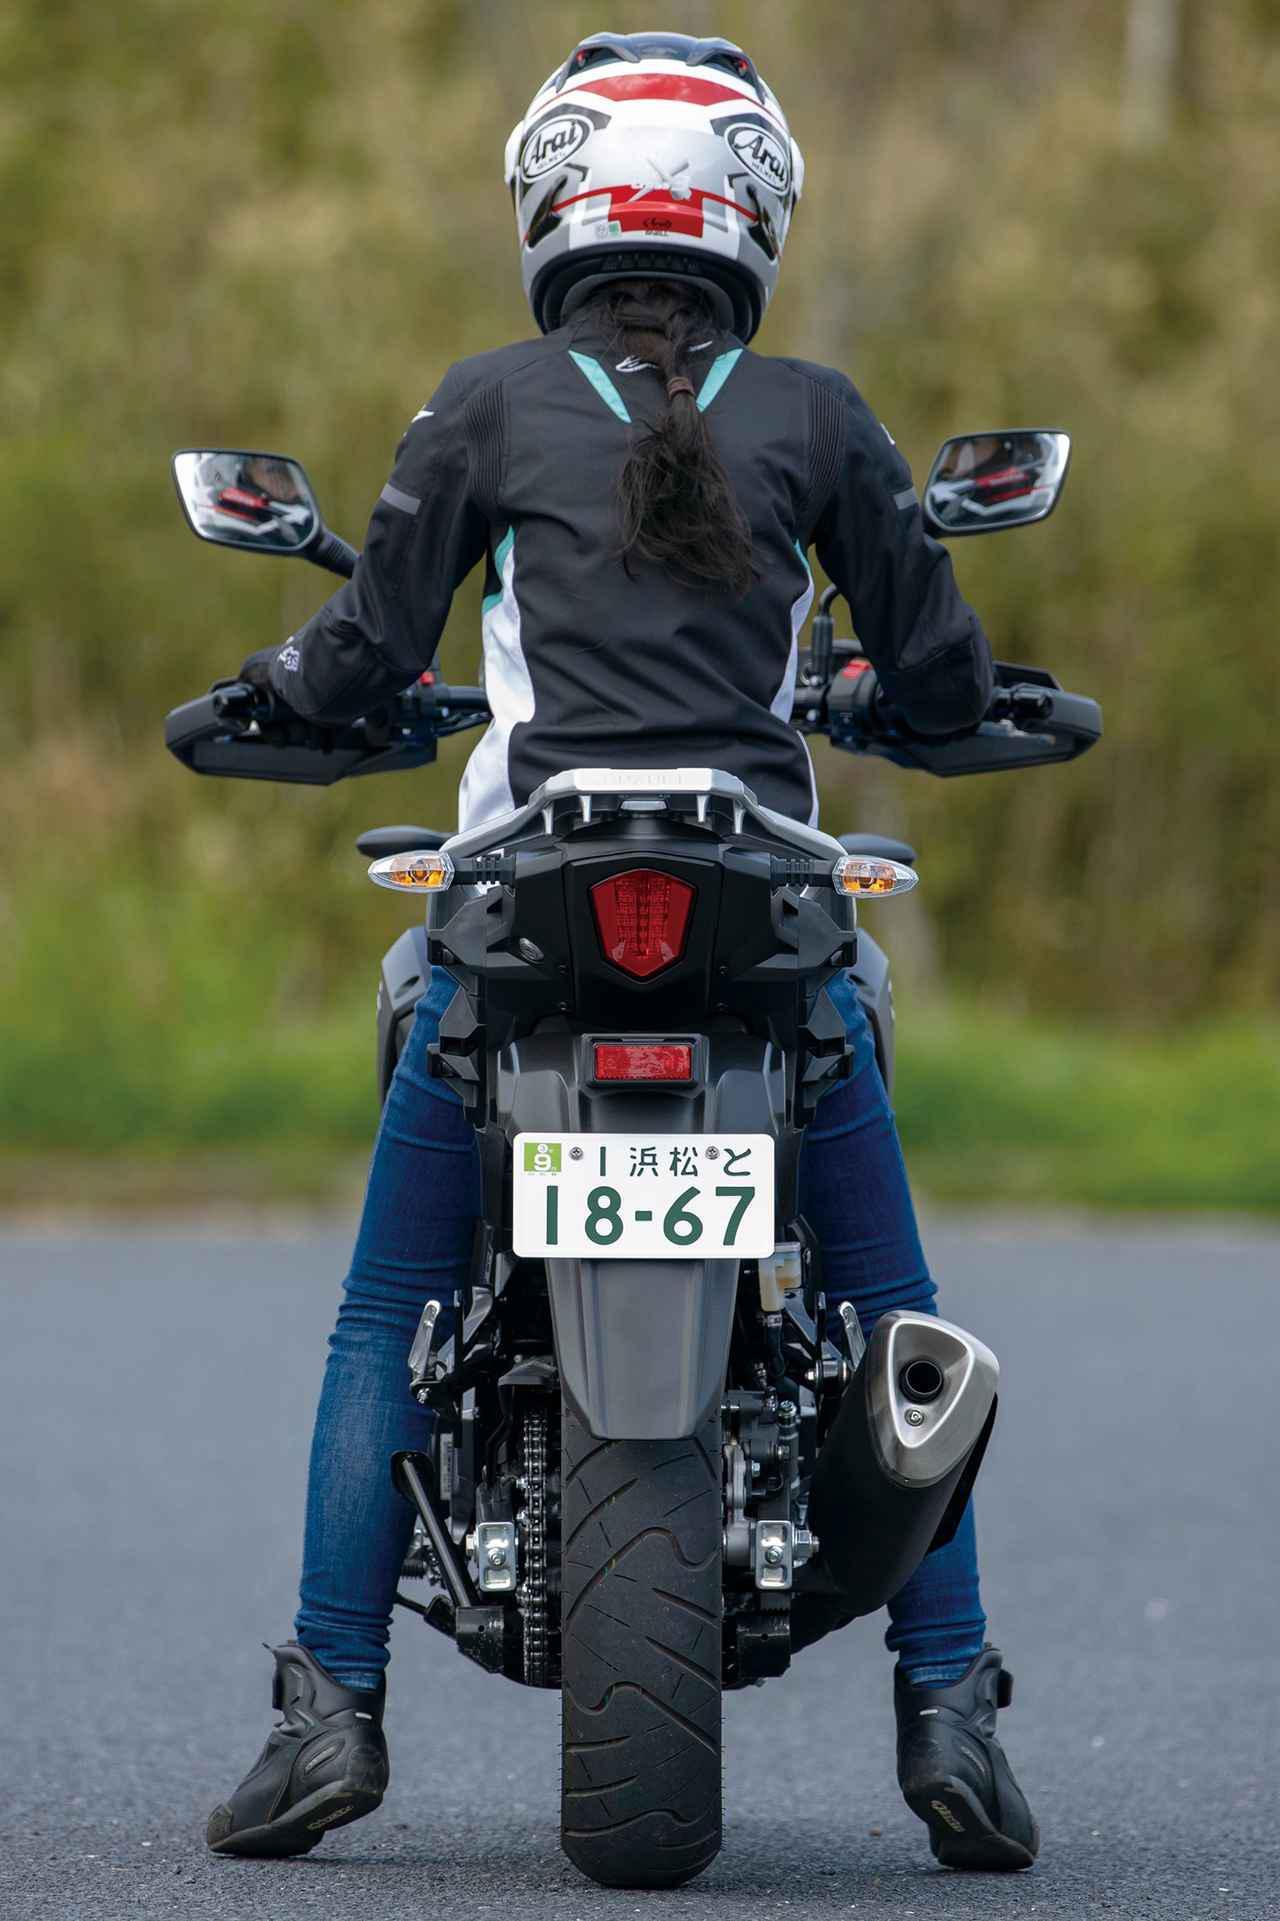 画像6: 250ccアドベンチャー&オフロードバイクを徹底比較|ホンダ・スズキ・カワサキの計5機種を比べてみた(2021年)